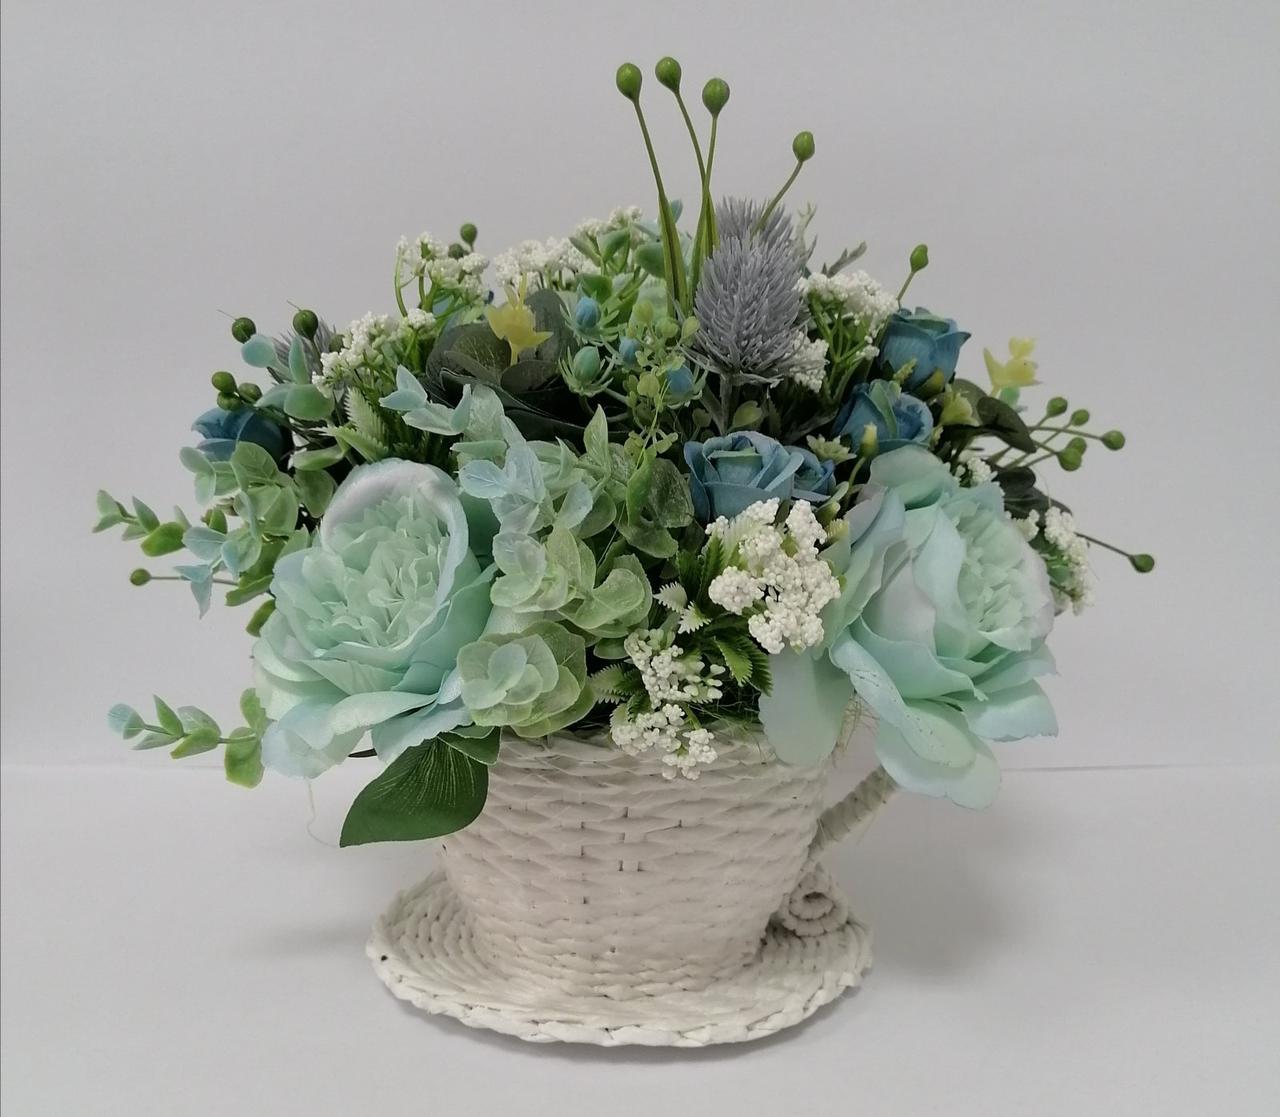 Композиция из искусственных цветов Волинські візерунки  в плетеной чашке мятная